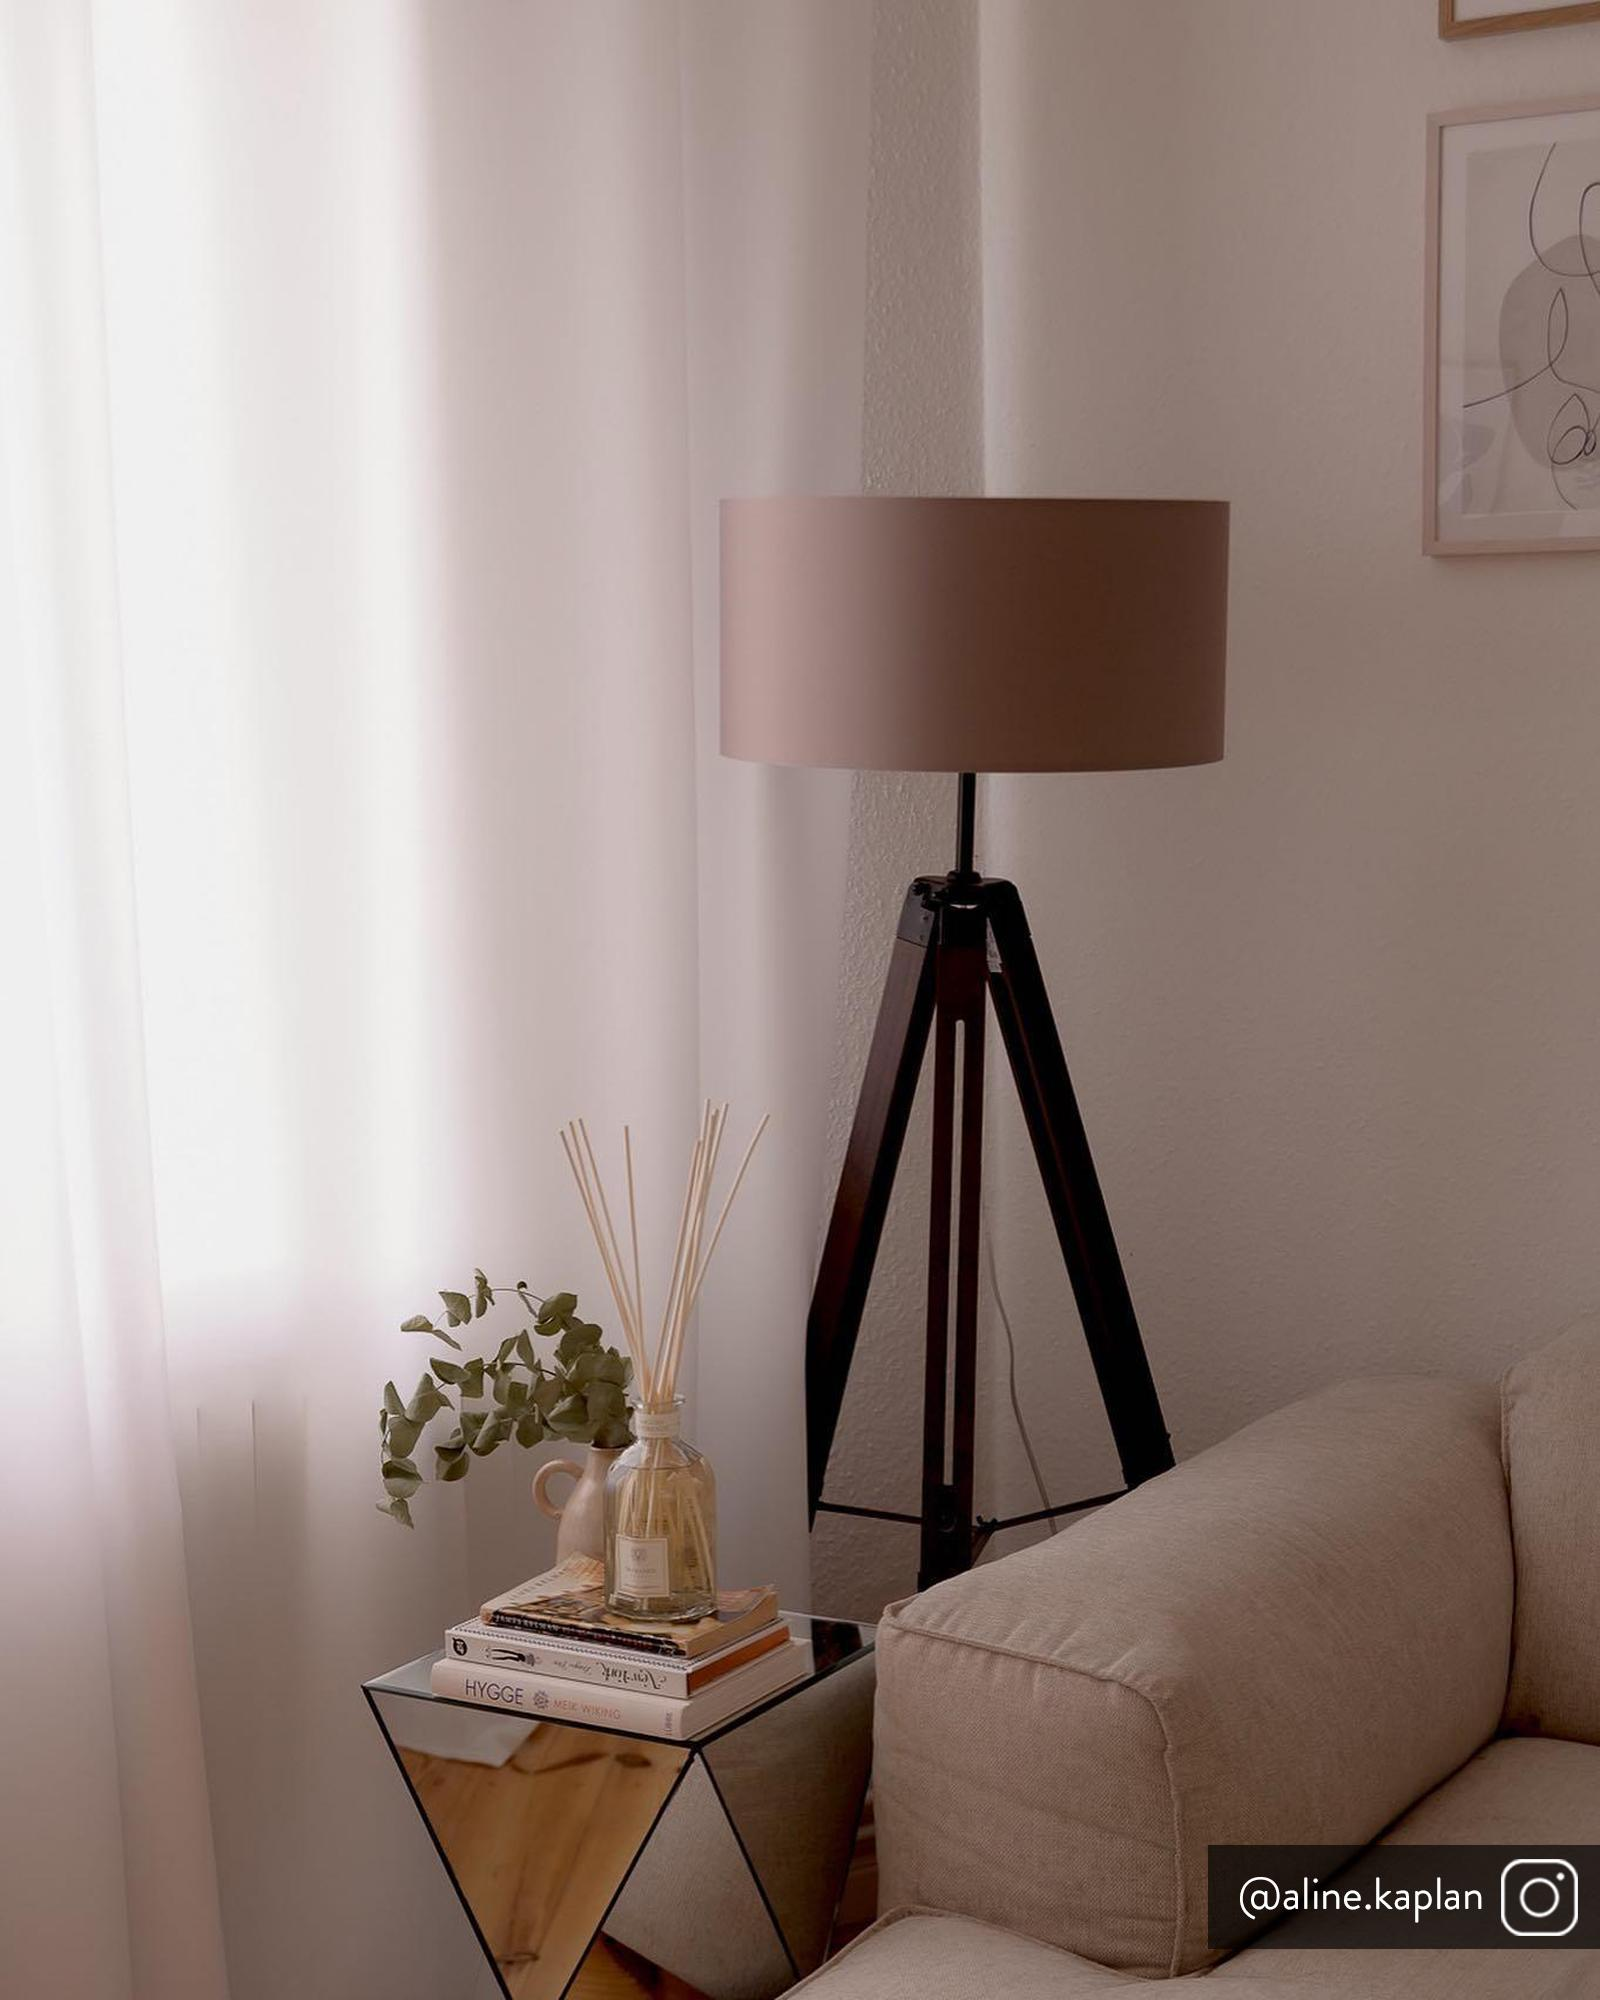 Tripod Stehlampe Josey aus Walnussholz, Lampenschirm: Textil, Lampenfuß: dunkles Walnussholz,, Lampenfuß: Walnuss, Schwarz<br>Lampenschirm: Taupe, Ø 70 x H 150 cm